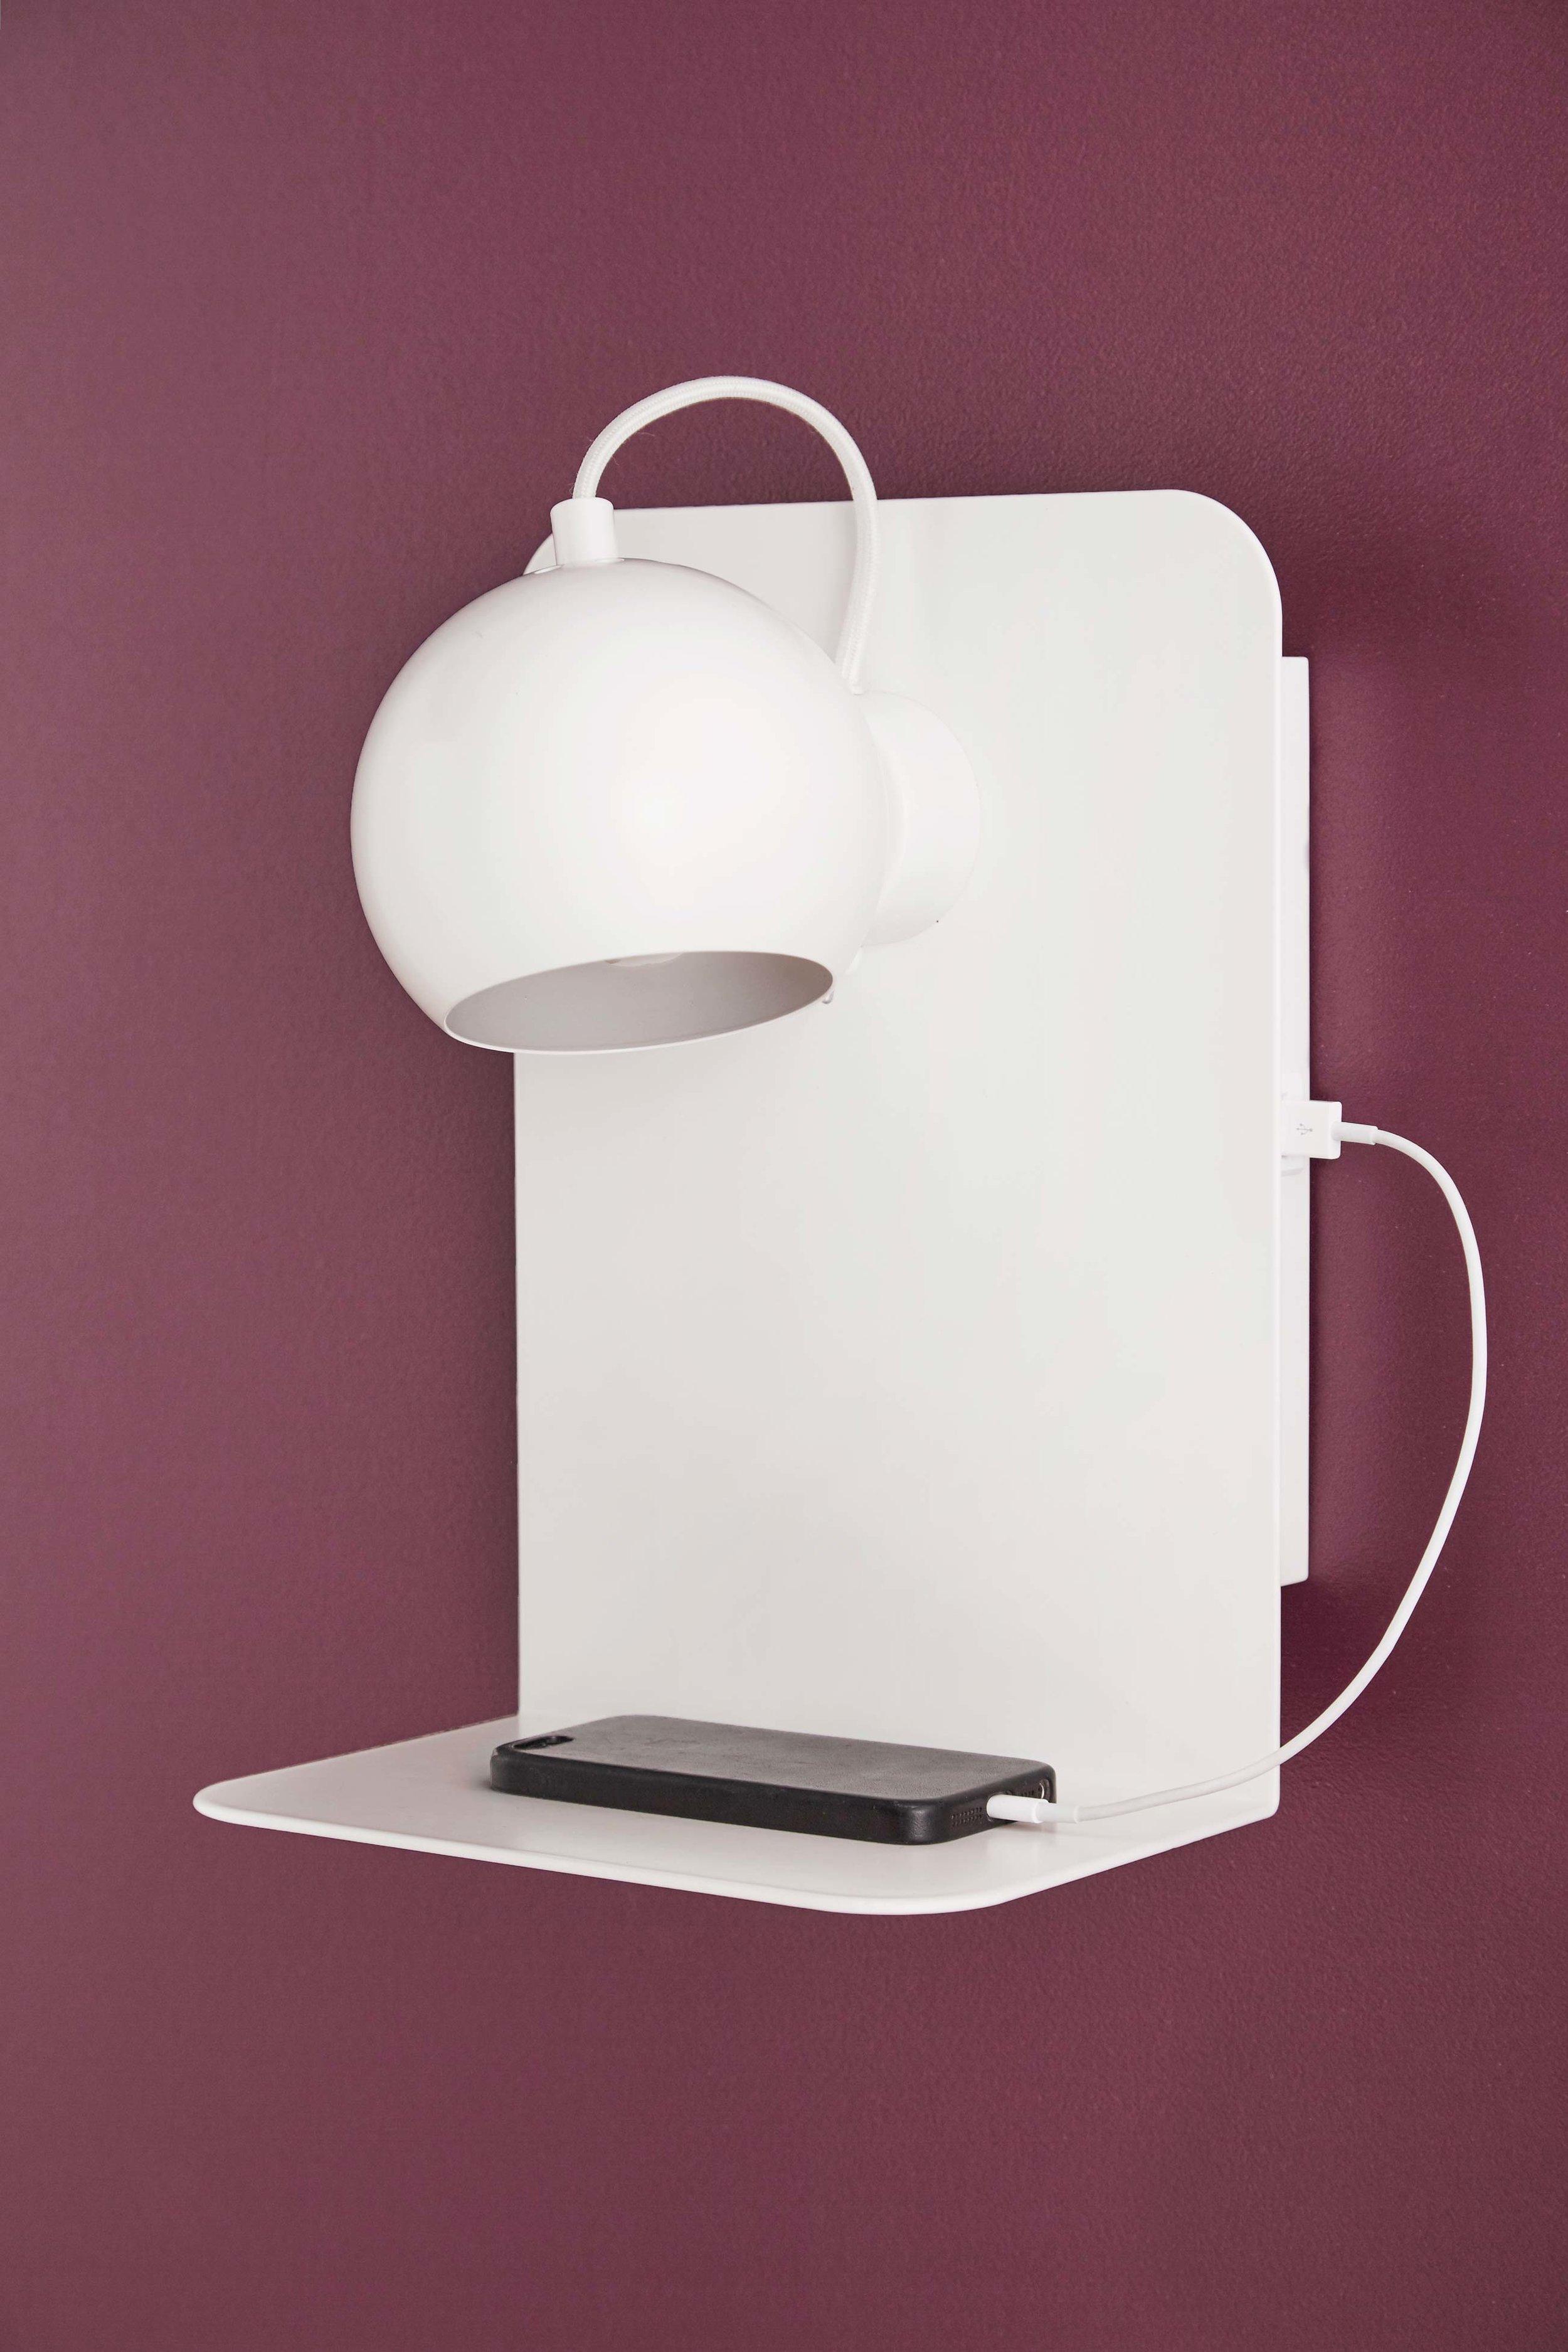 Ball-USB-wall-lamp-white-matt---lifestyle-Studio-Horsens-4016_V1.jpg